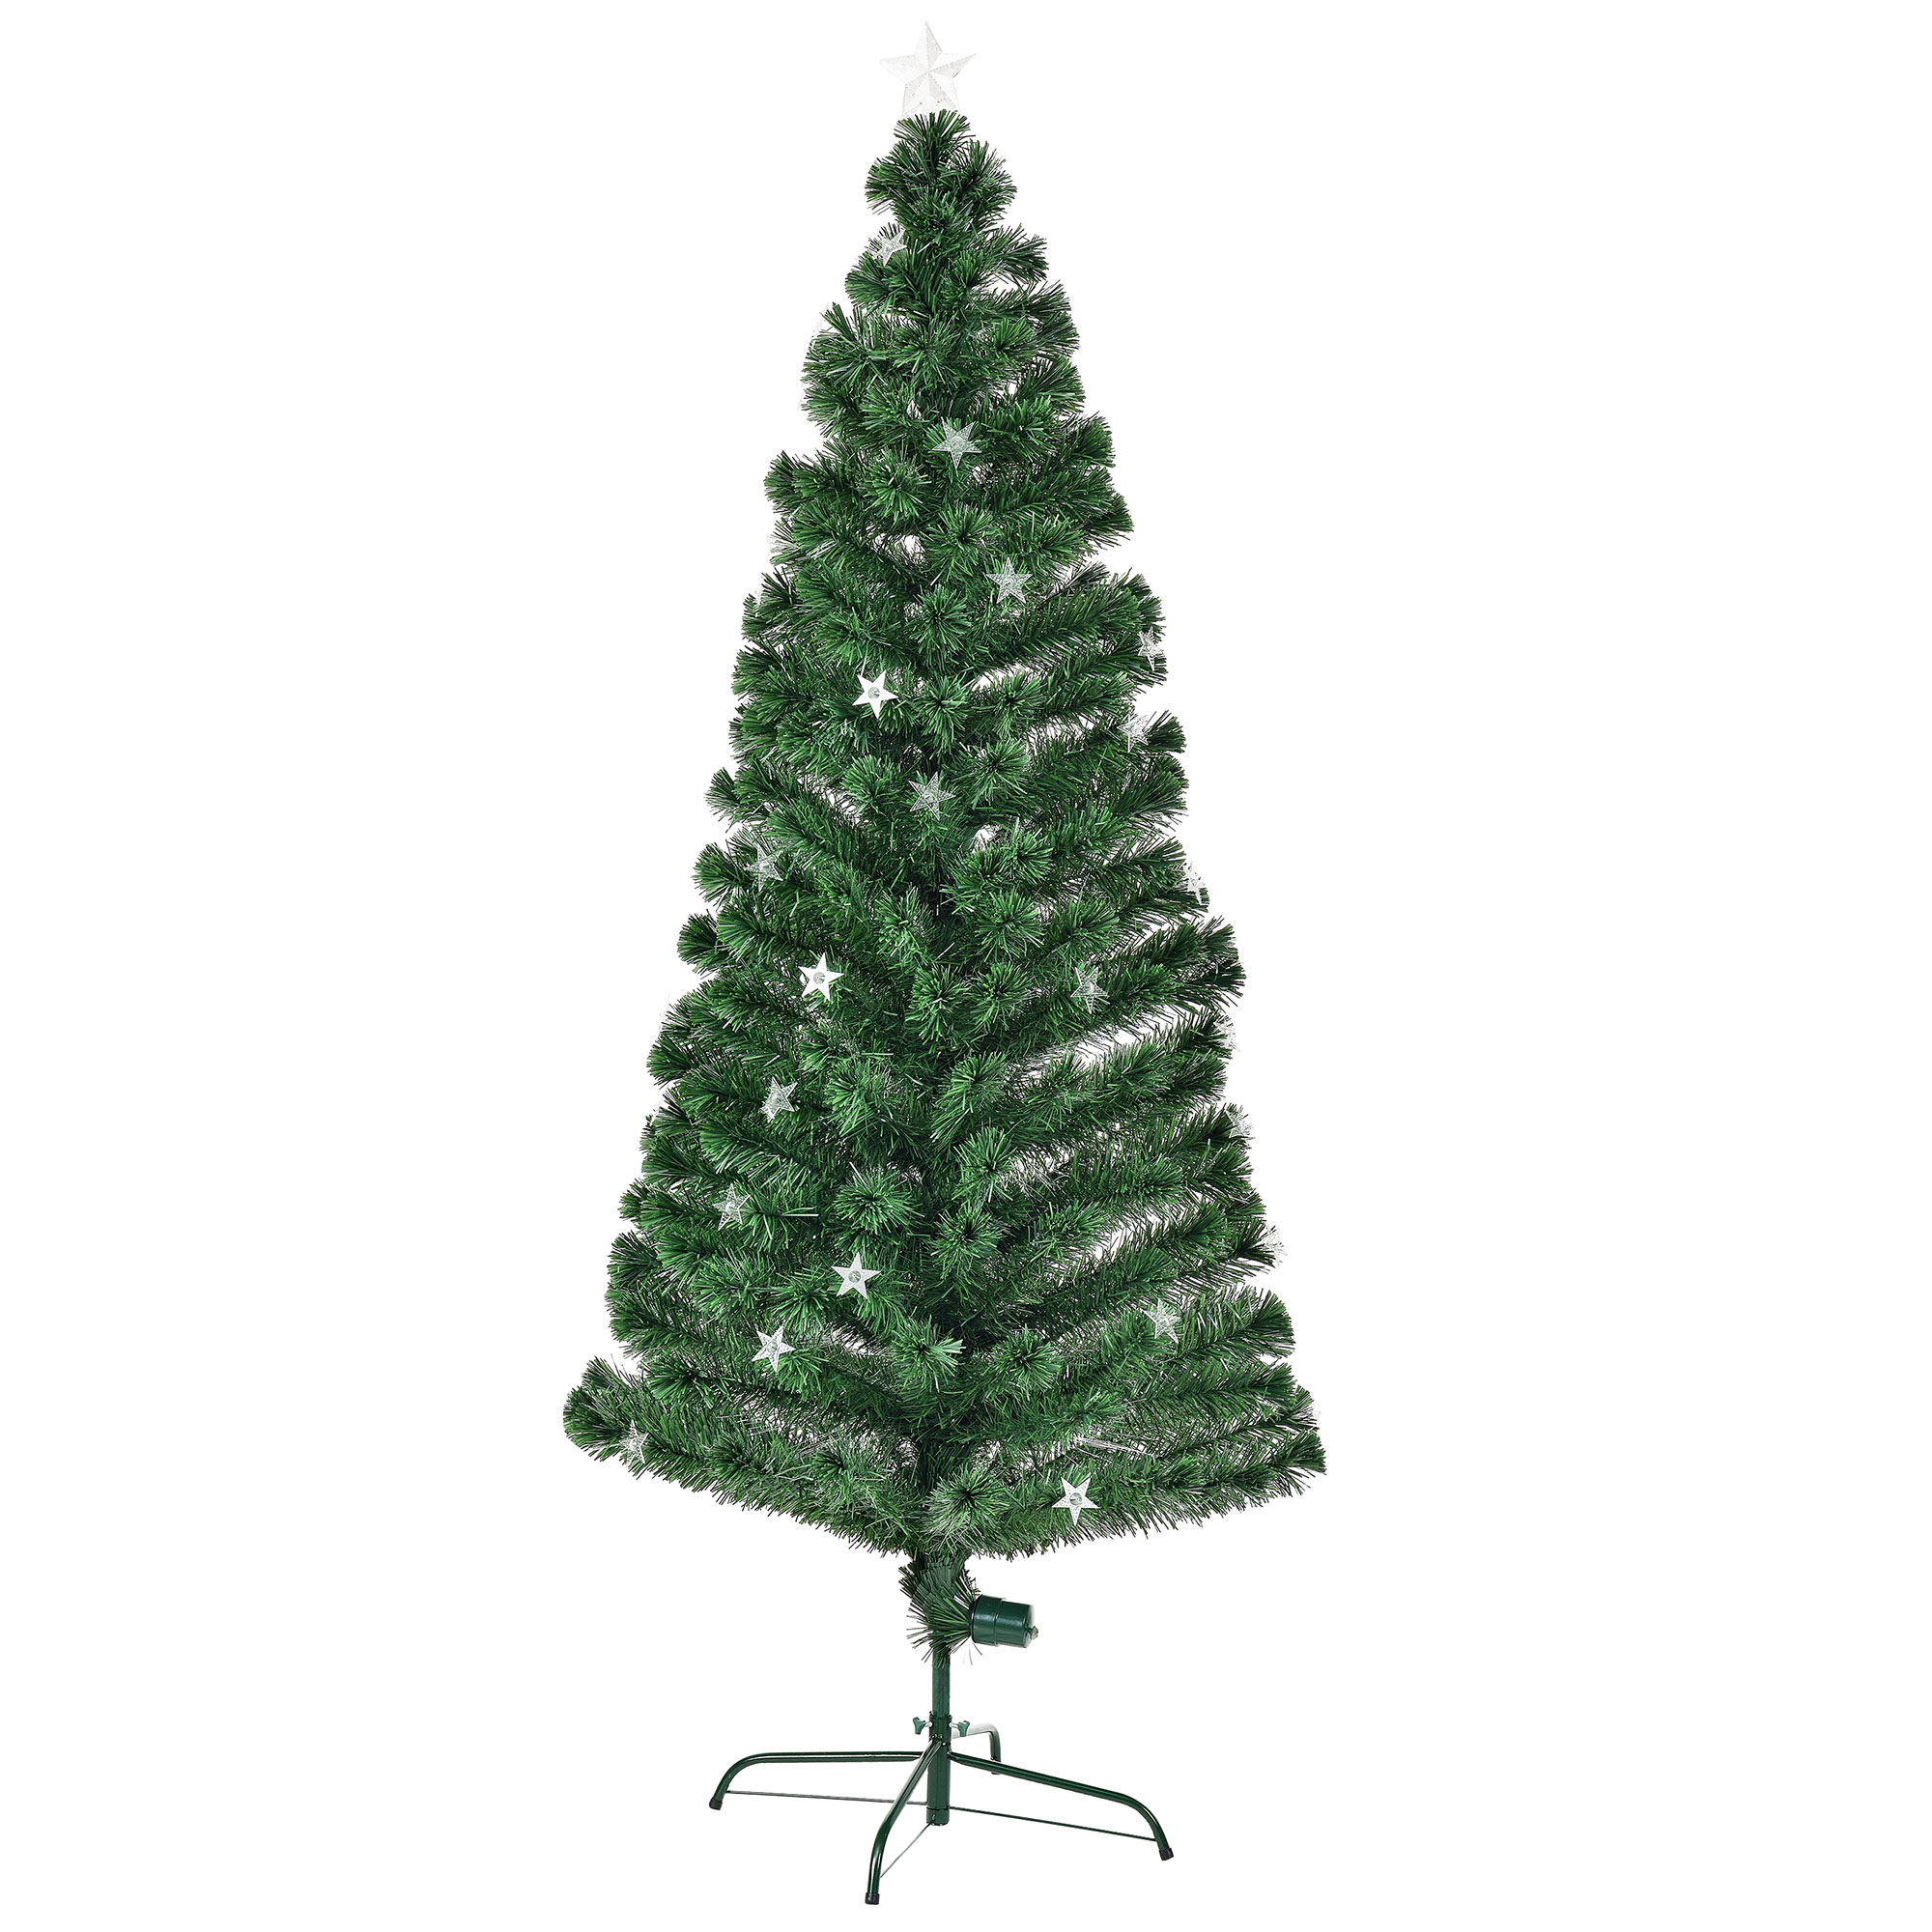 210cm beleuchteter christbaum weihnachtsbaum. Black Bedroom Furniture Sets. Home Design Ideas